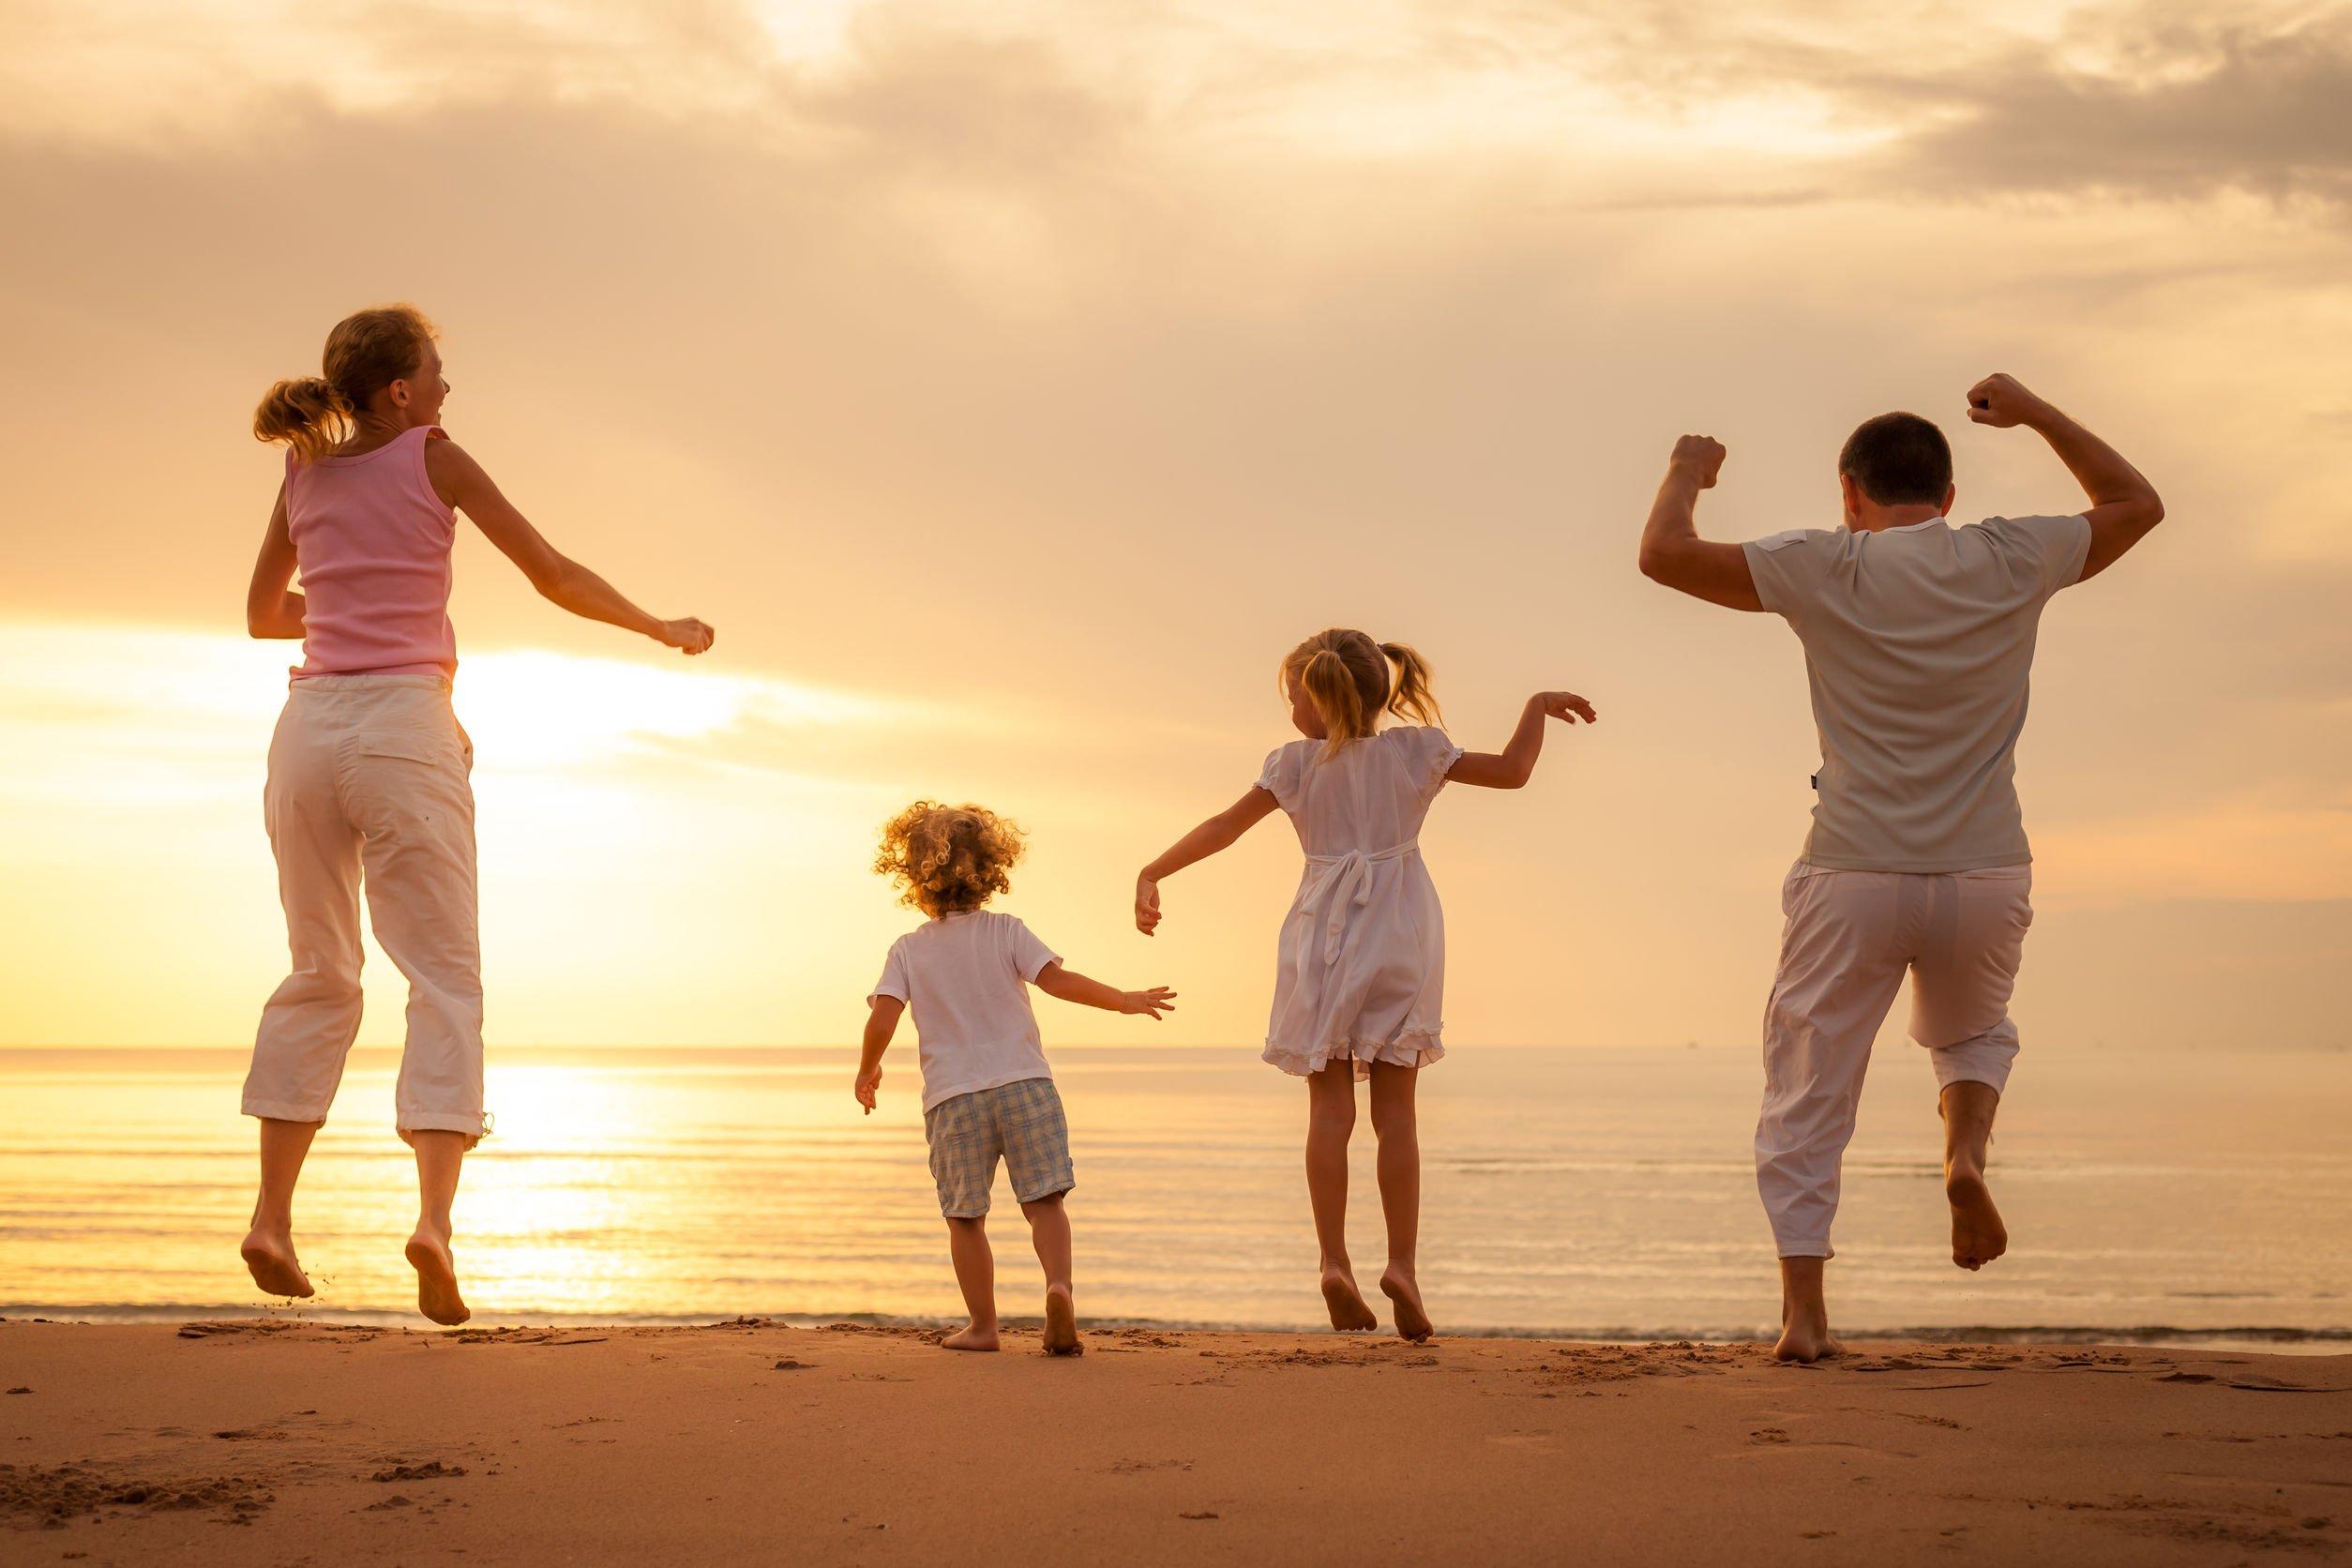 เคล็ดลับ \\'สร้างสุขครอบครัวไทย\\' thaihealth